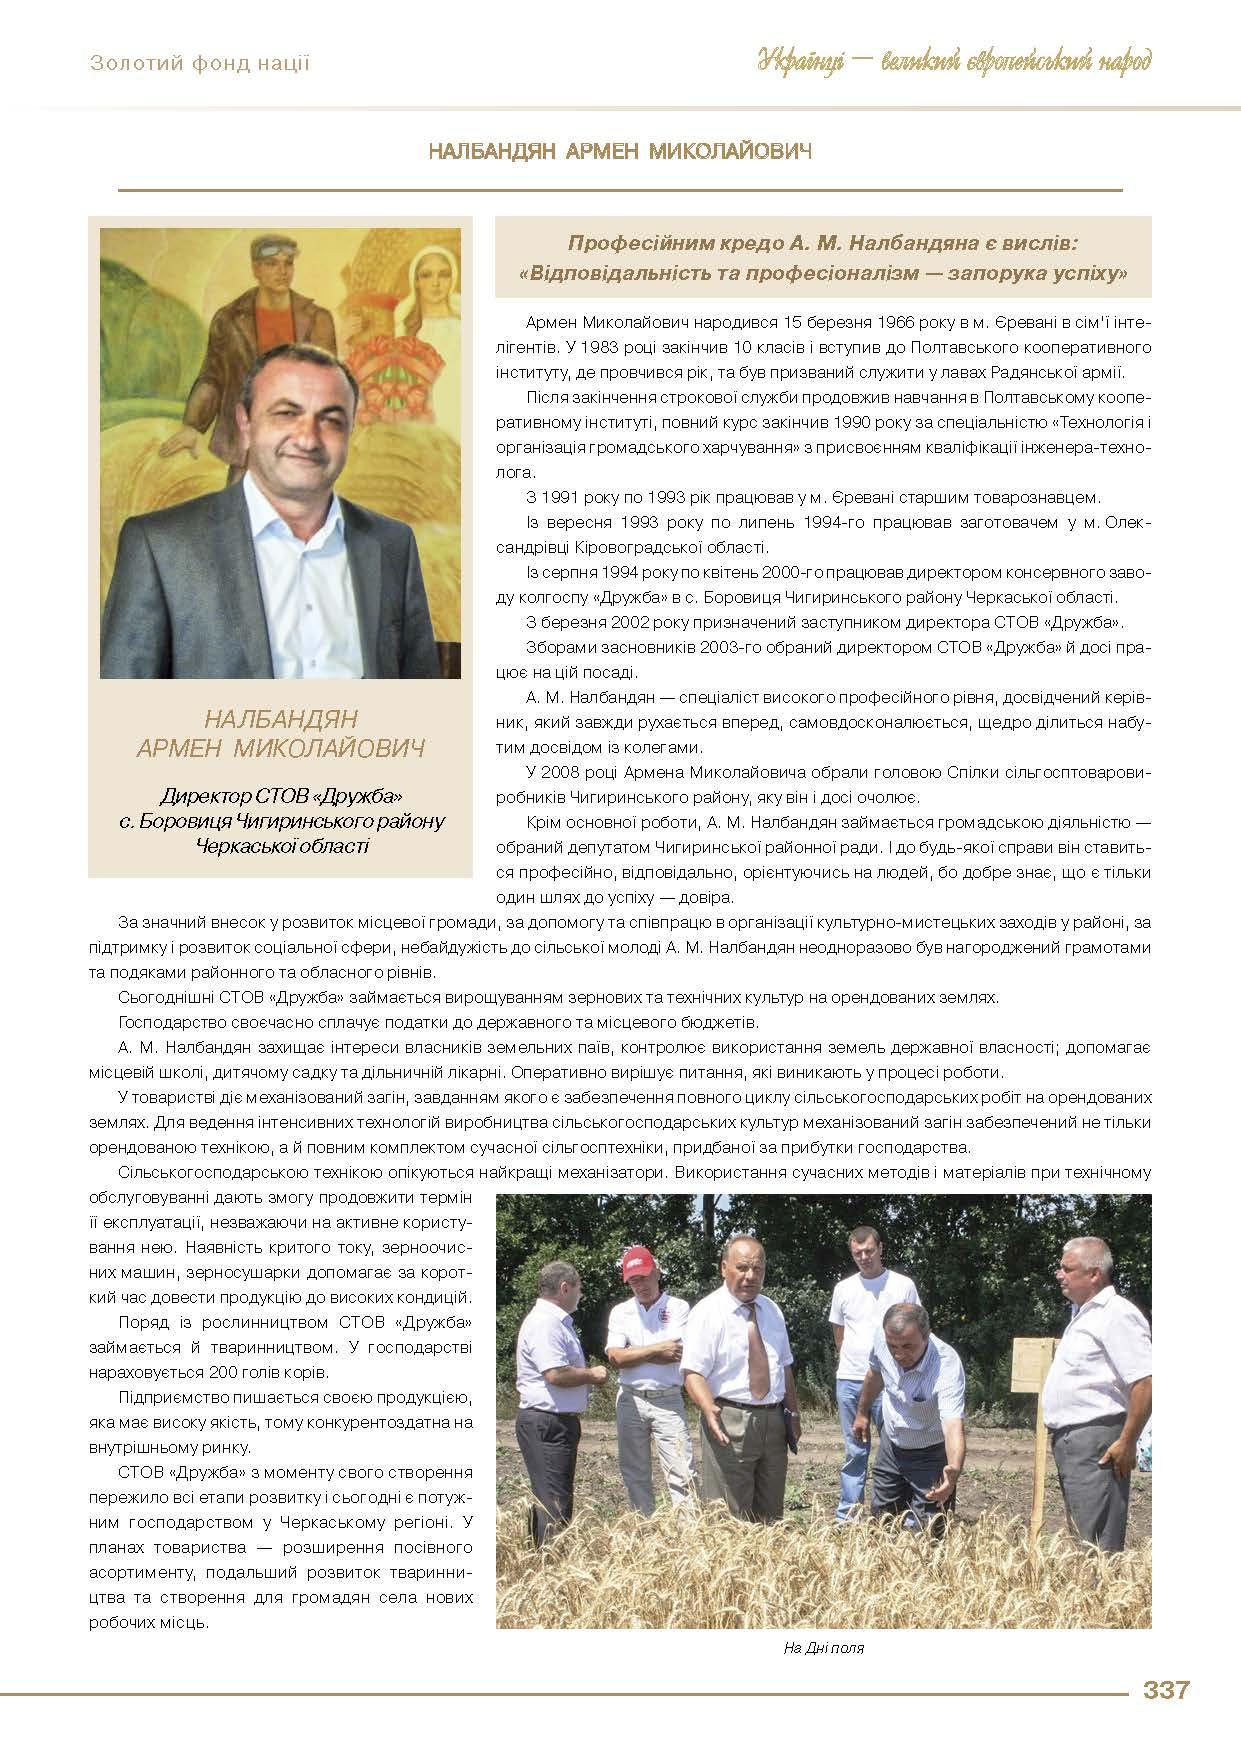 Налбандян Армен Миколайович